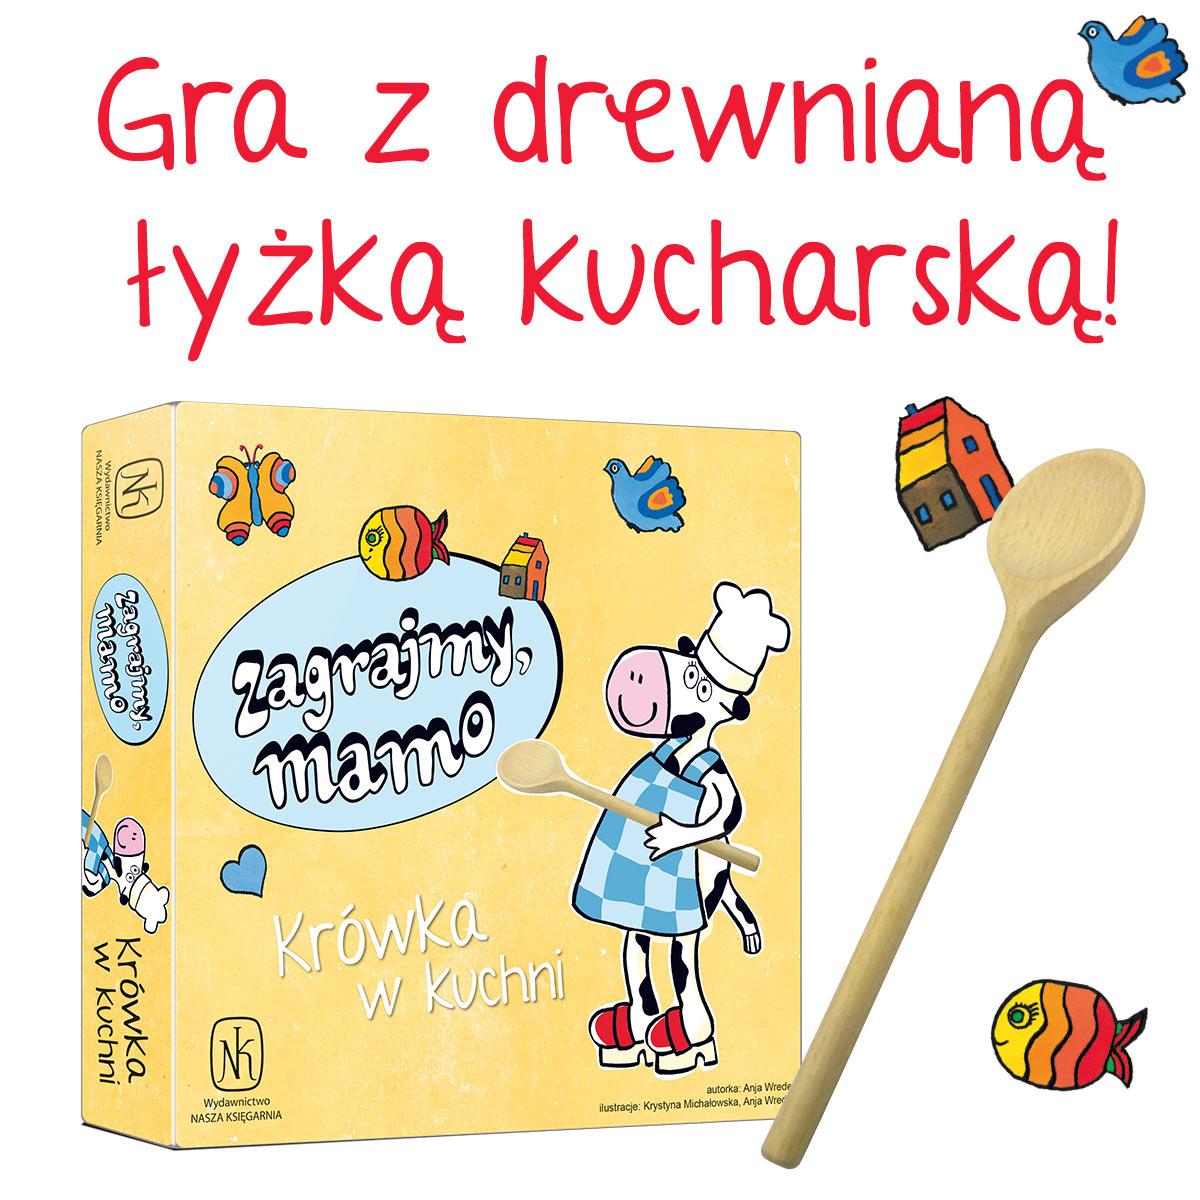 _gra_ZAGRAJMY_MAMO - Krówka w kuchni (1)